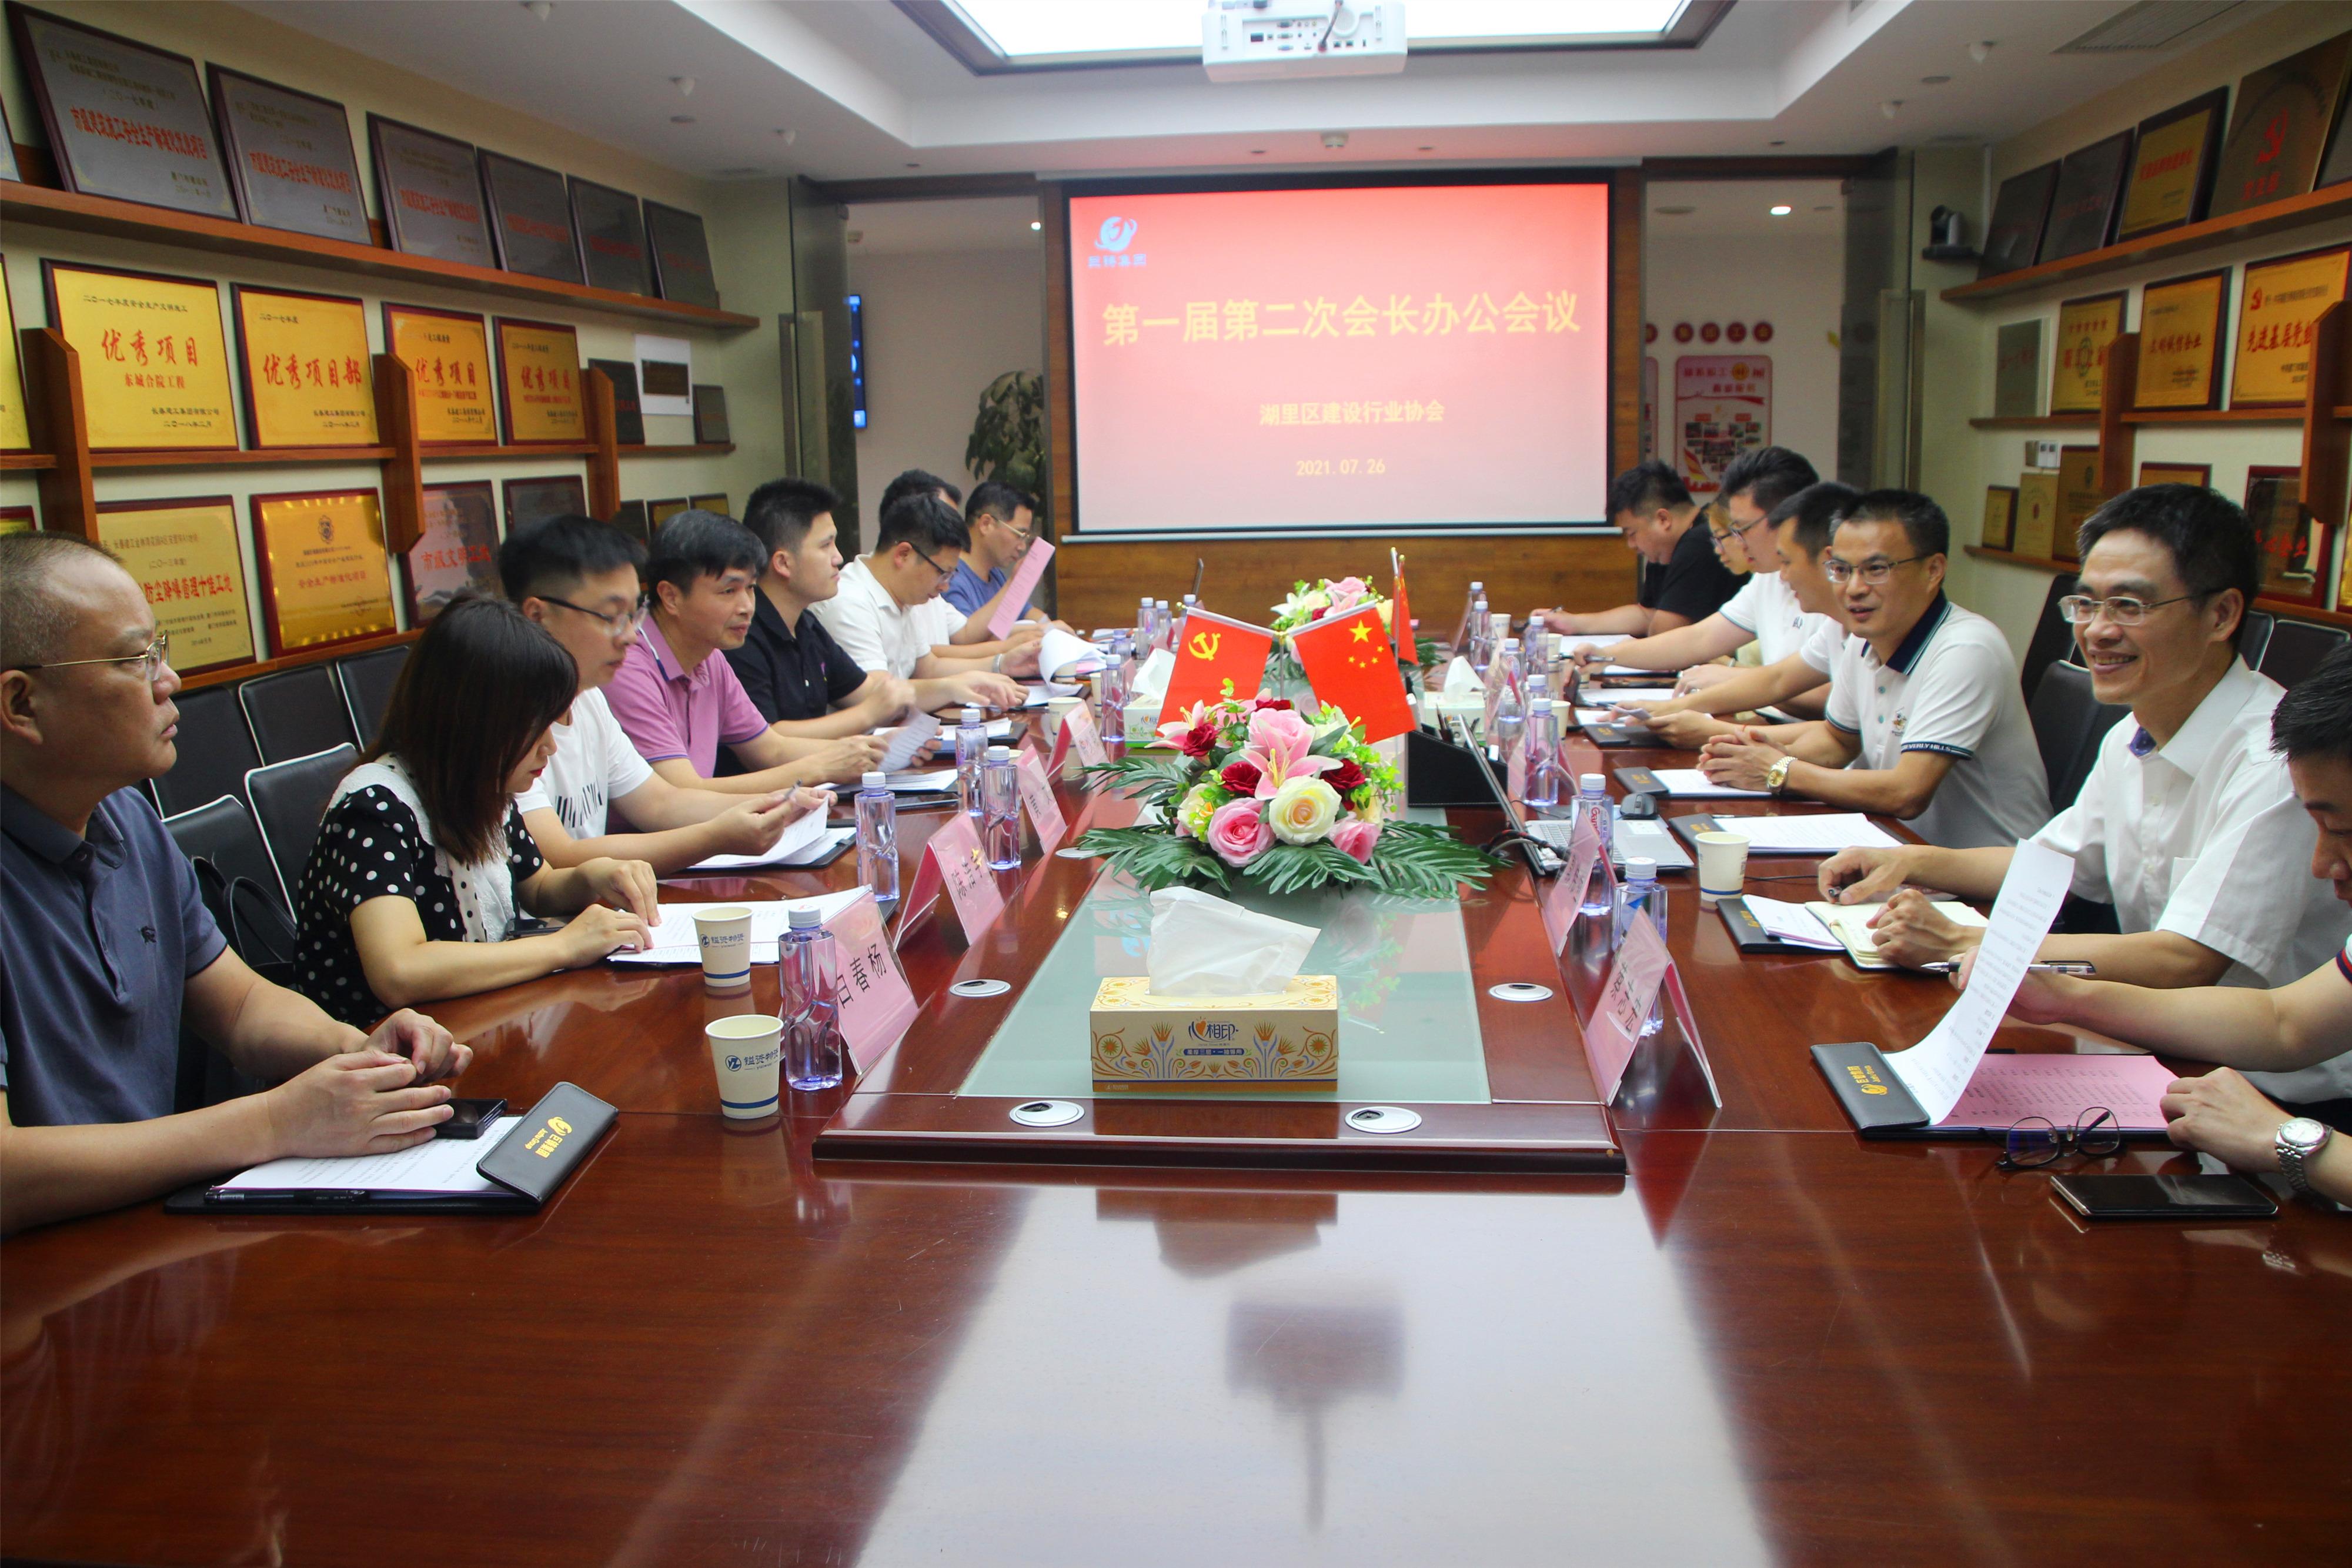 湖里区建设行业协会第一届第二次会长办公会议在我司召开